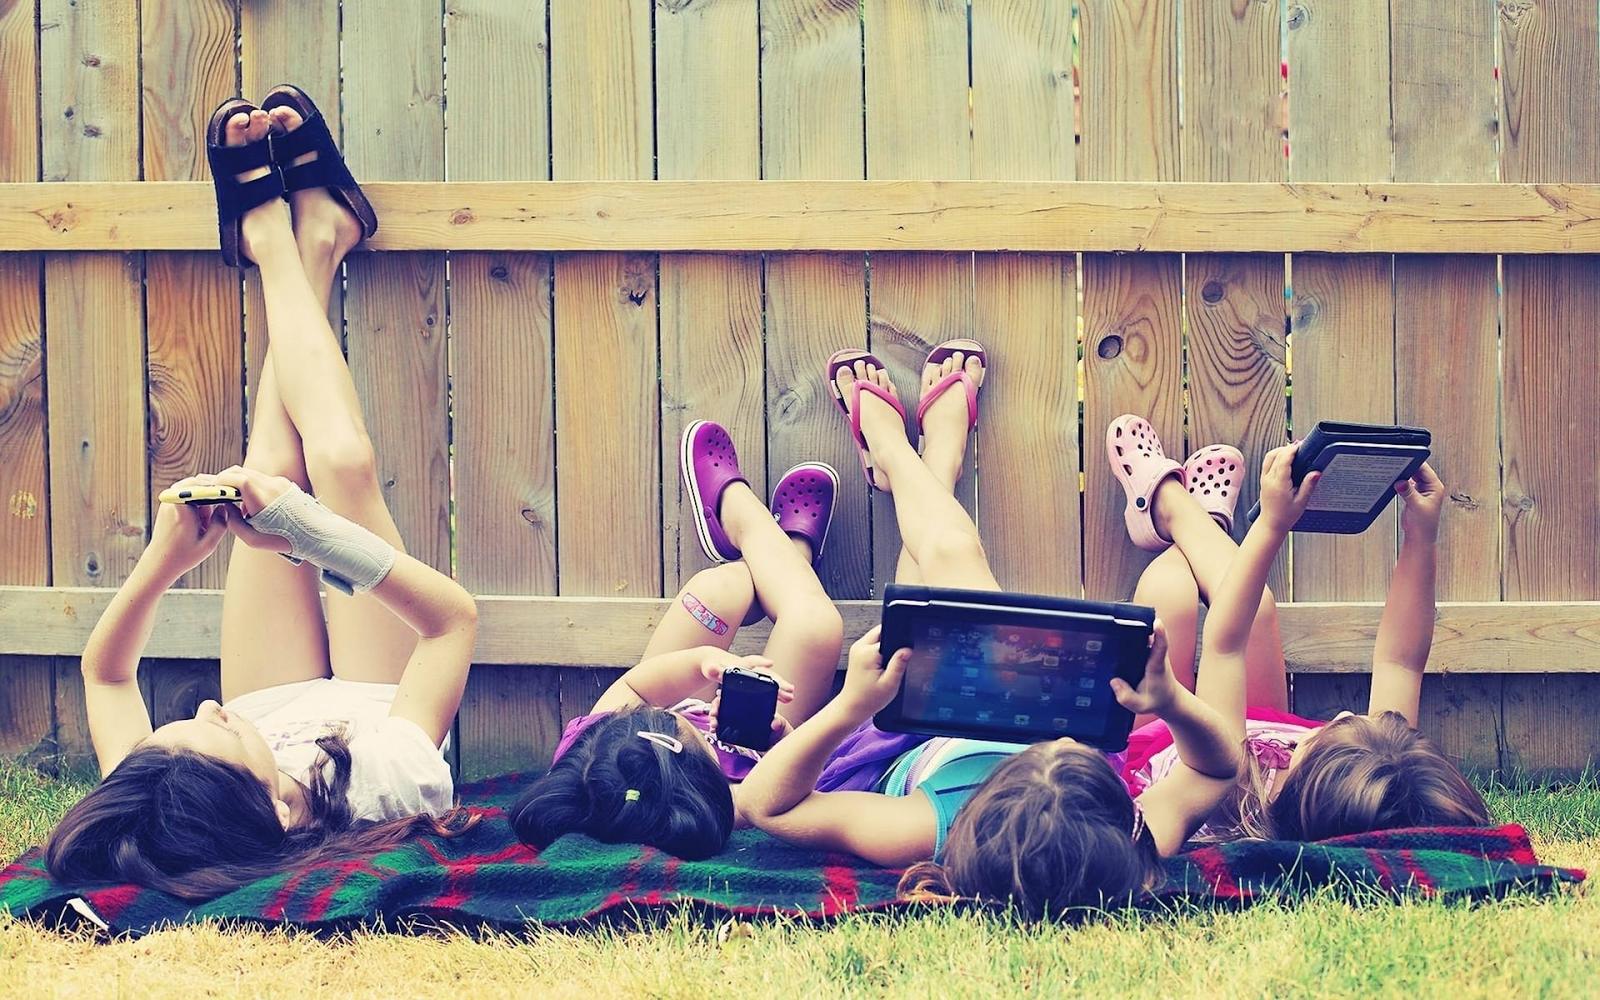 Пять идей, как отвлечь детей от телевизора и планшета - 1